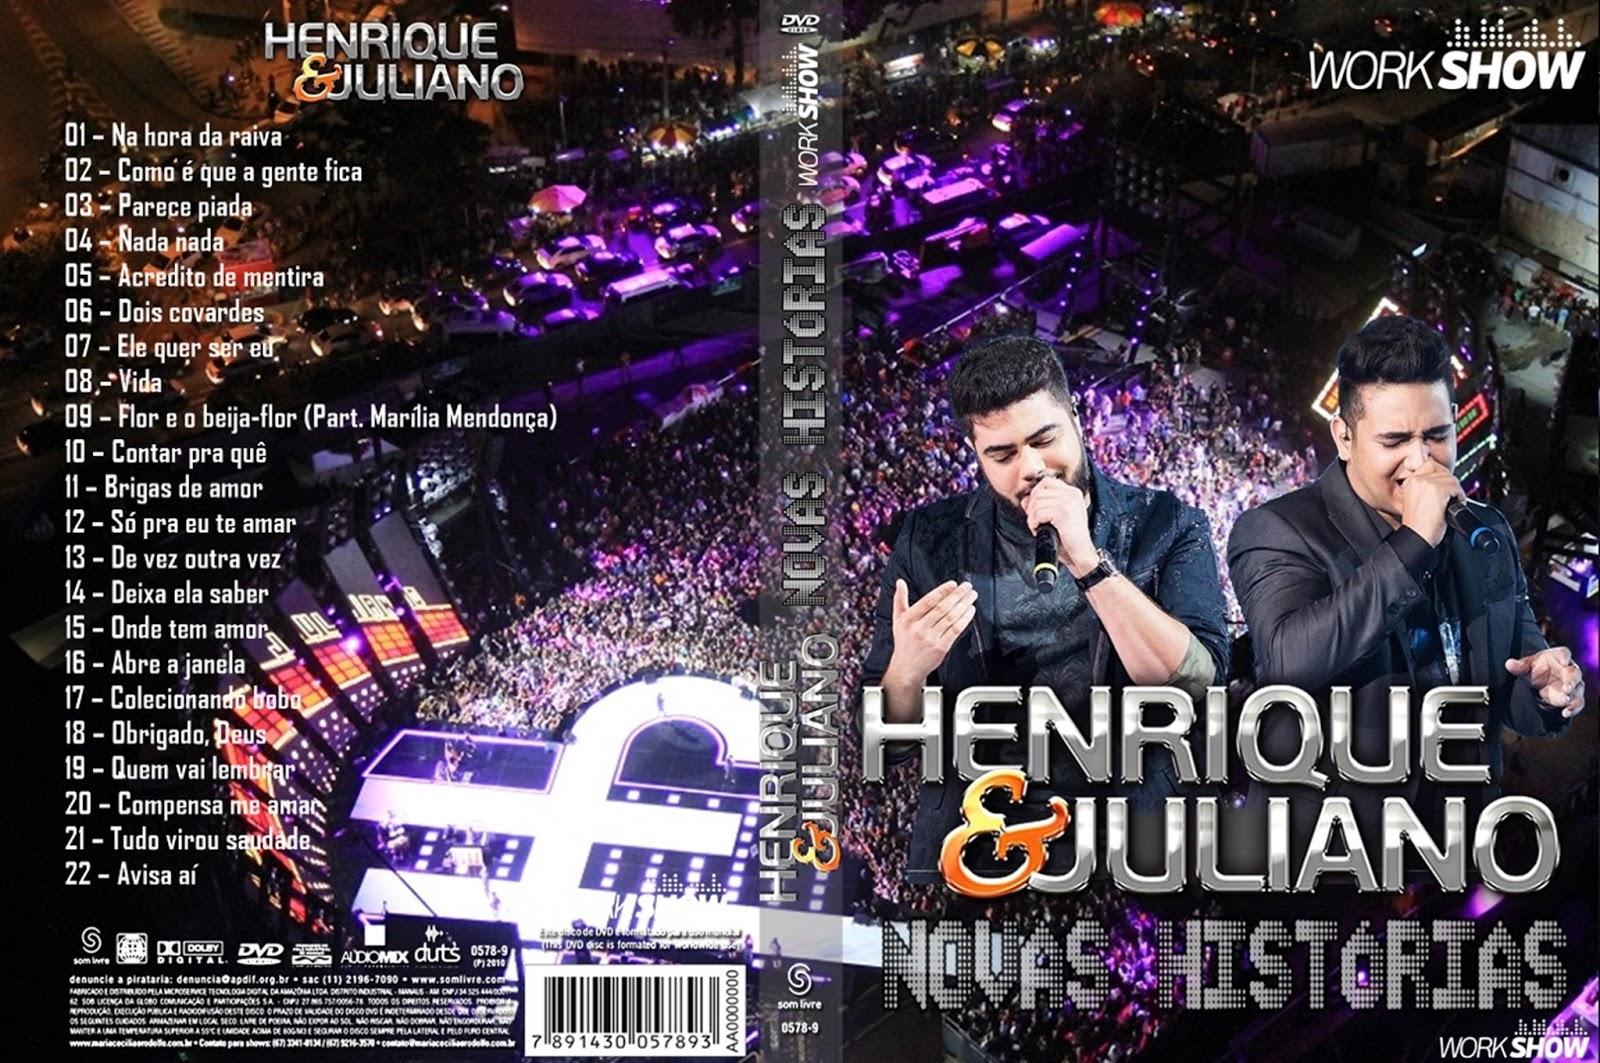 Henrique e Juliano Novas Histórias Ao Vivo Em Recife DVDRip + DVD-R Henrique 2B 2526 2BJuliano 2B  2BNovas 2BHistorias 2B  2BAo 2BVivo 2BEm 2BRecife